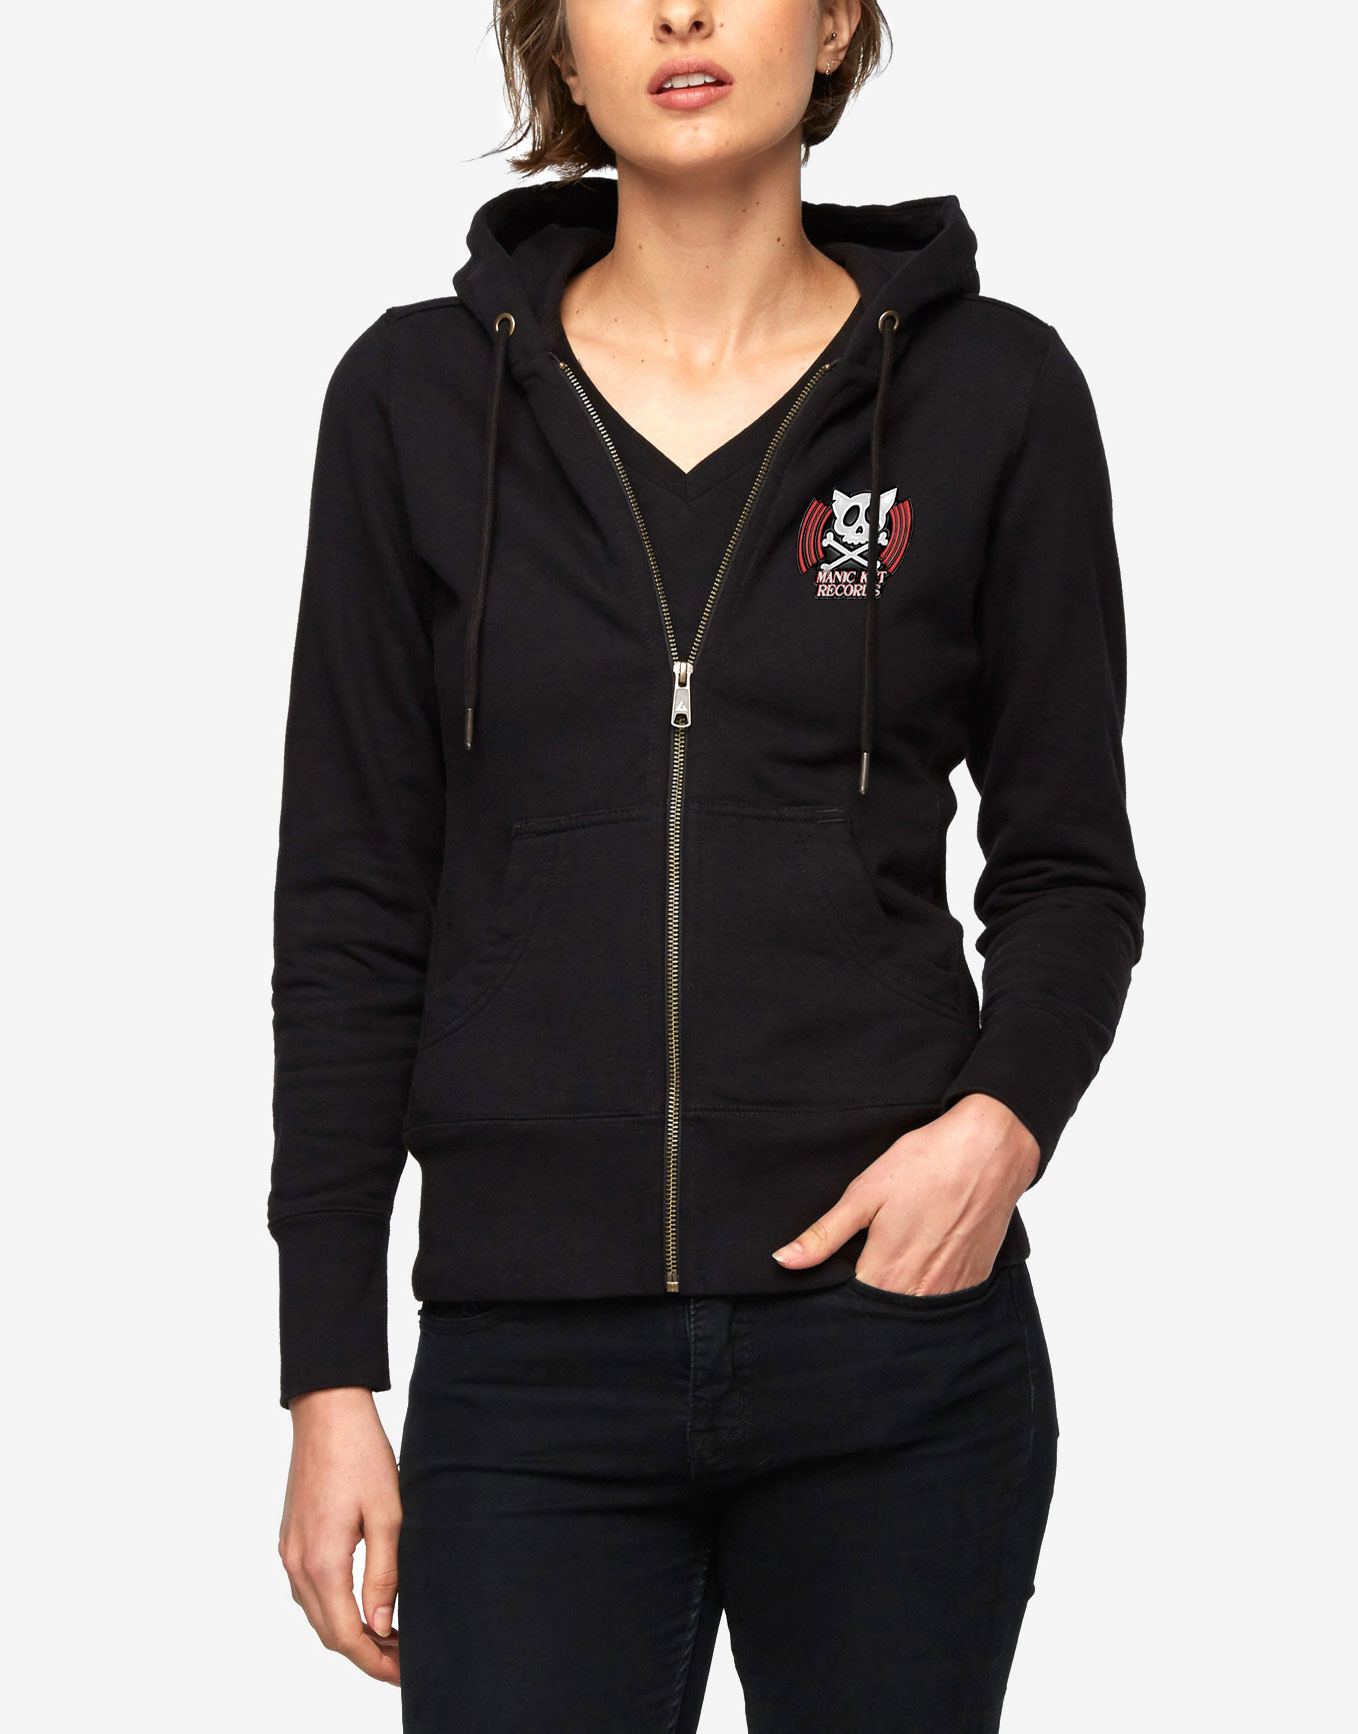 mkr-hoodie-model